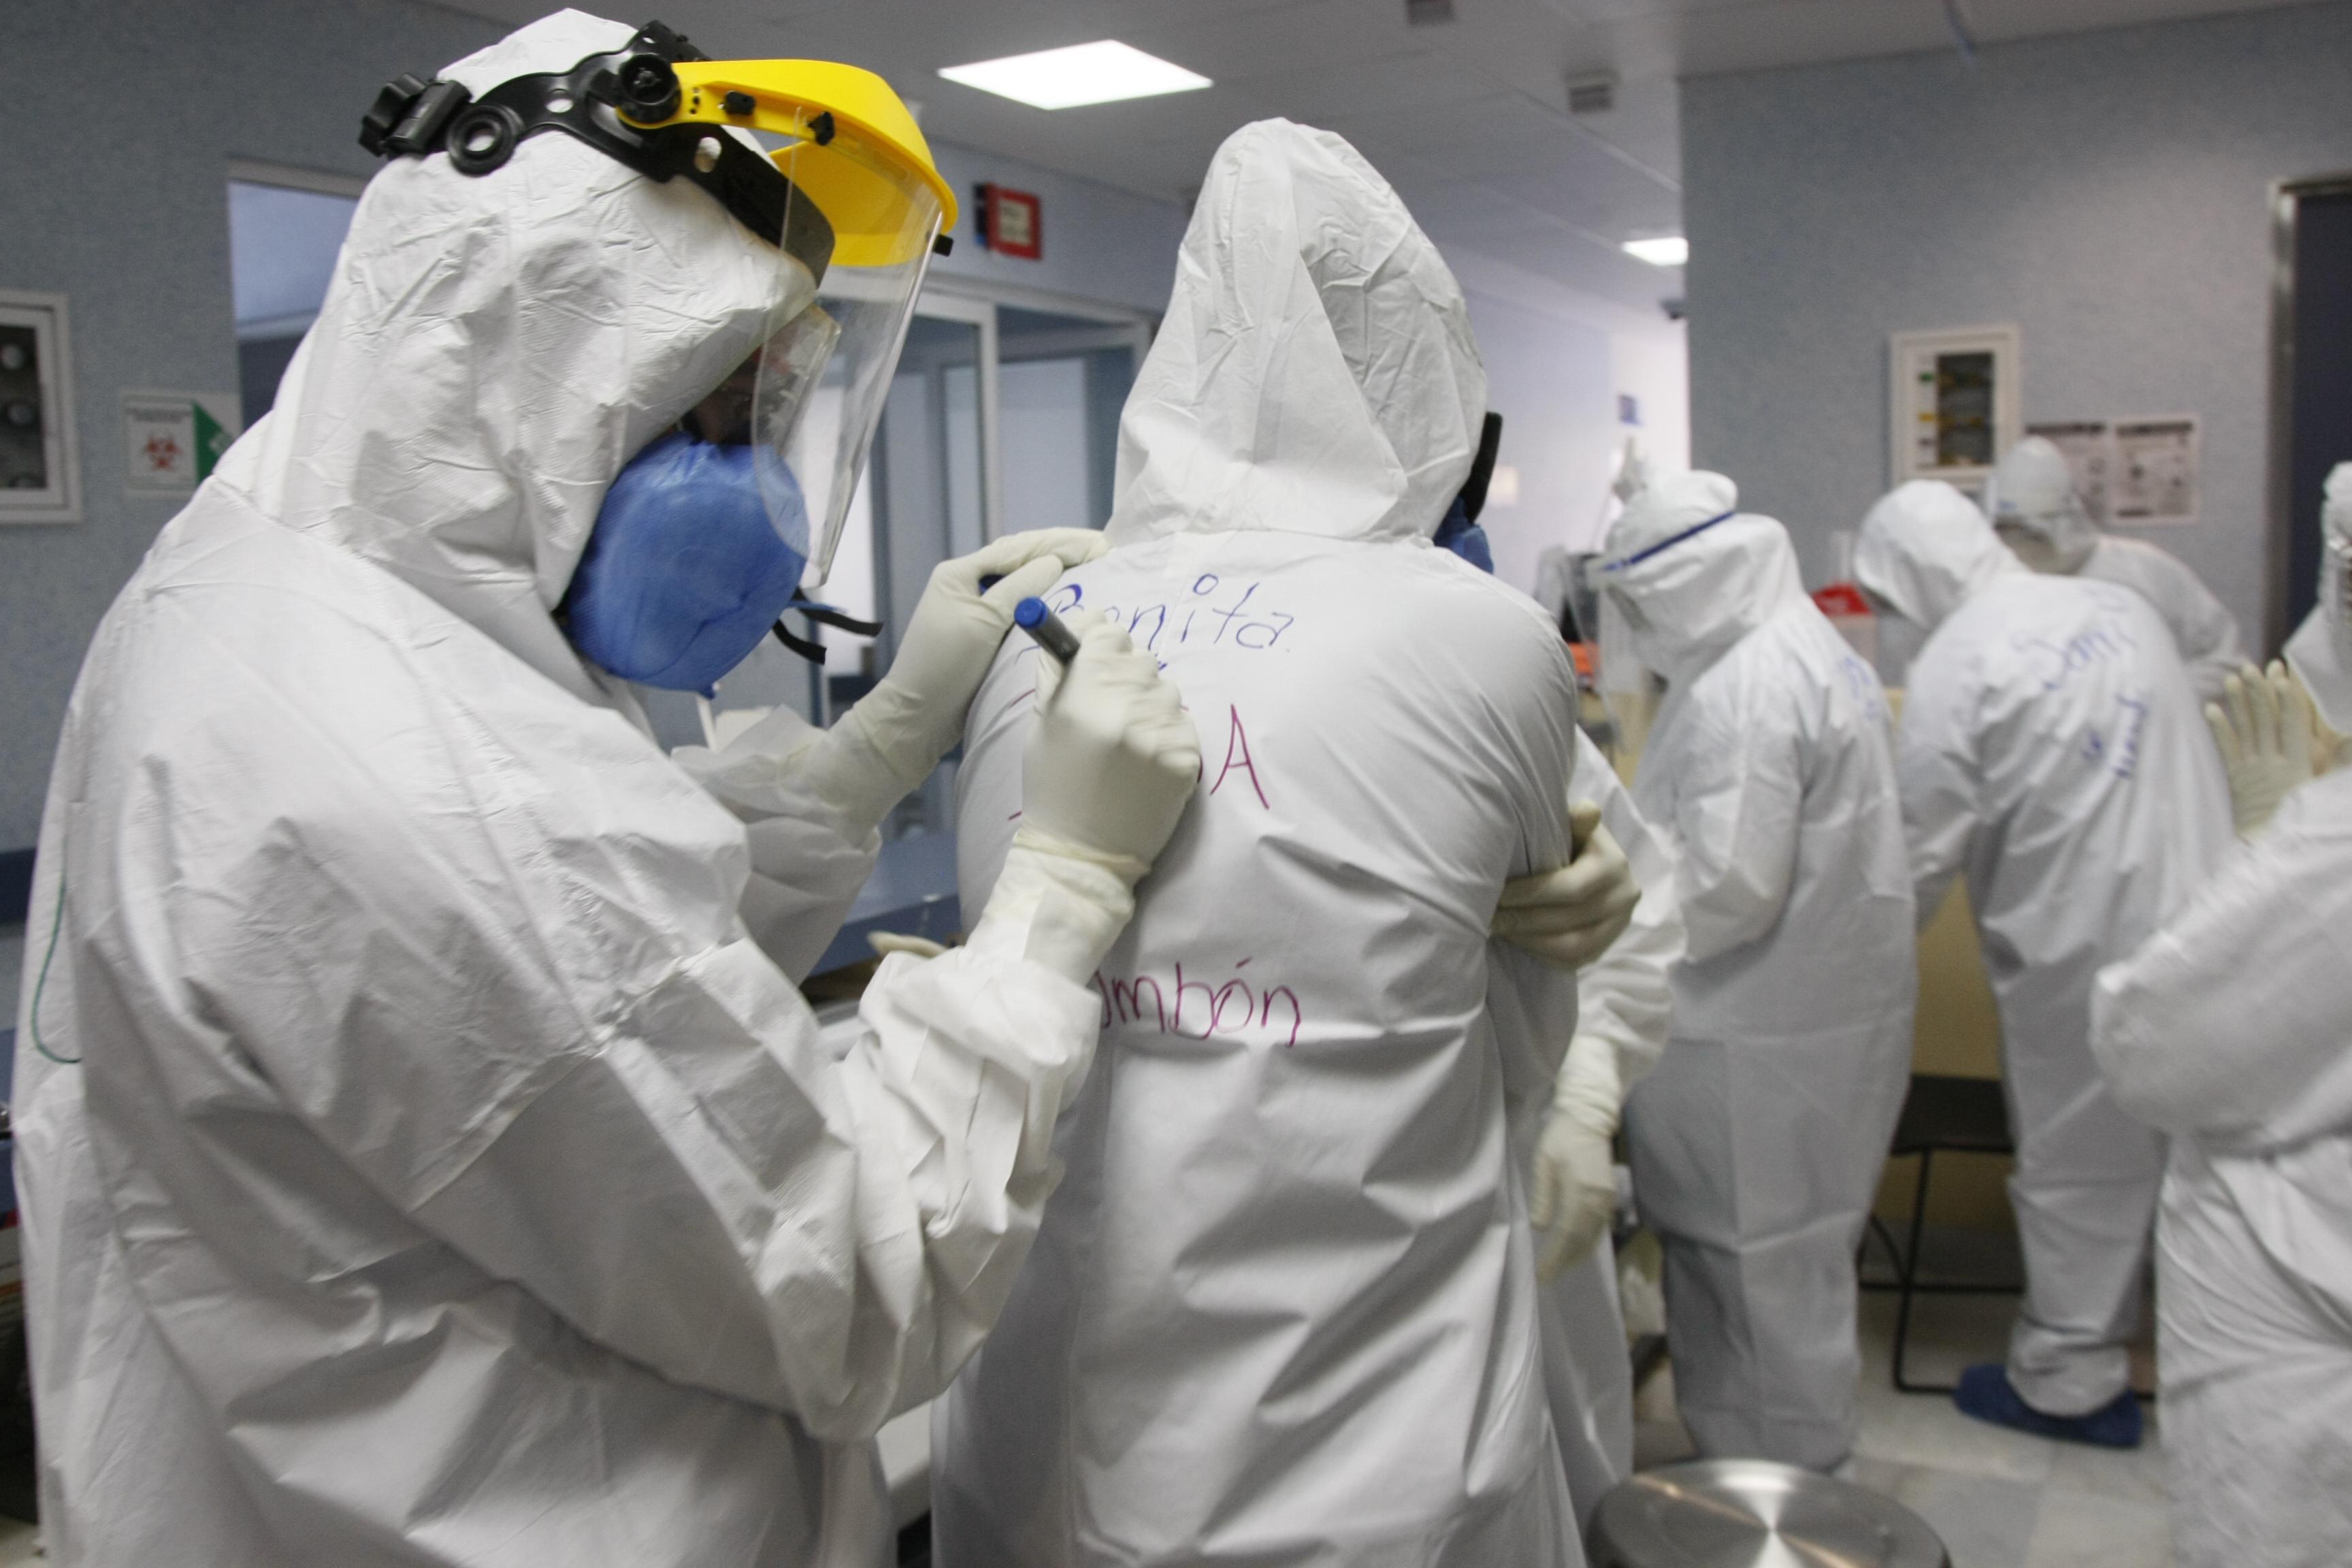 Identifican 10 zonas de riesgo en Salamanca por contagio de Covid-19 4